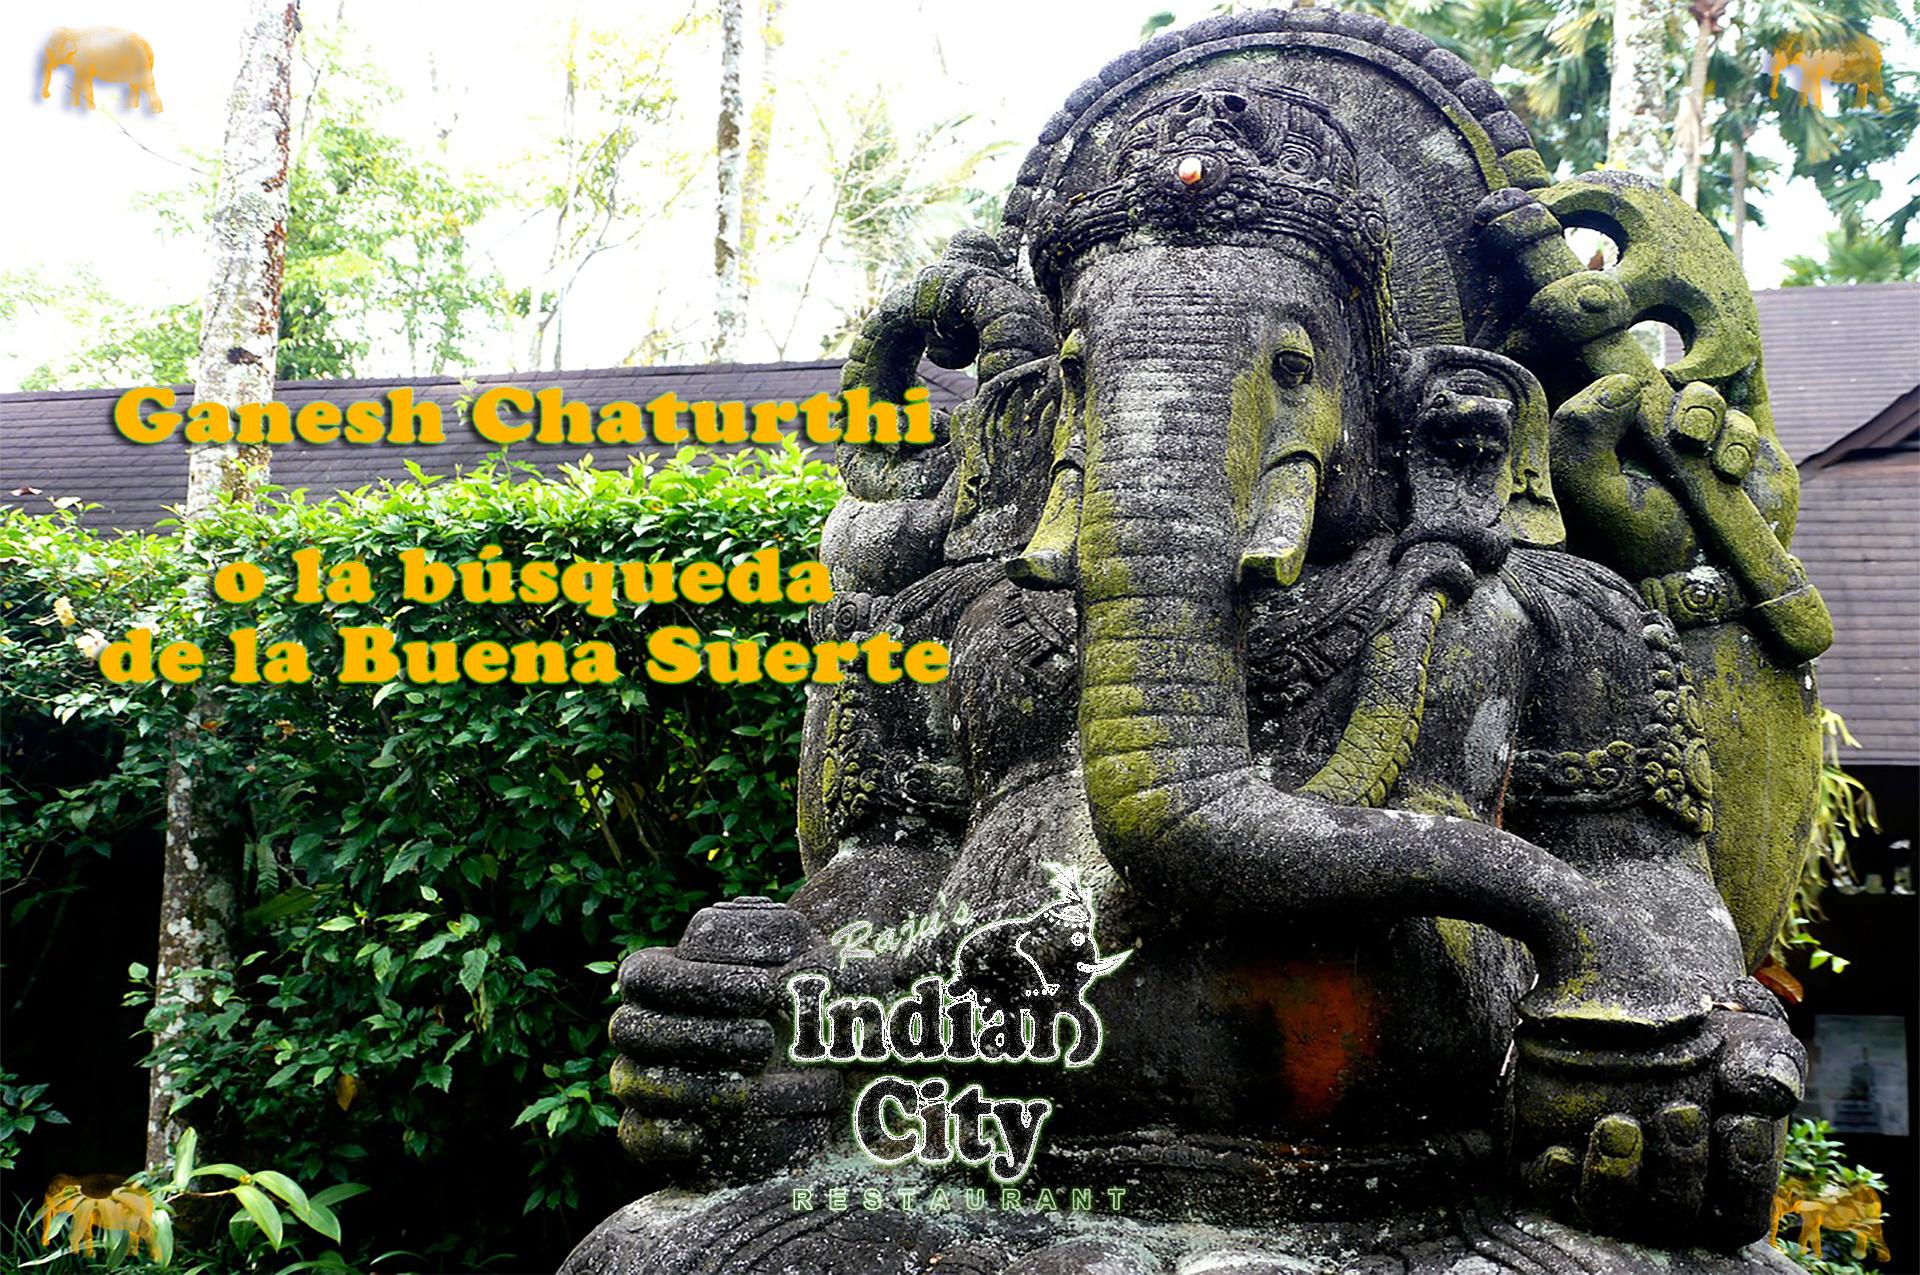 Ganesh Chaturthi o la búsqueda de la Buena Suerte